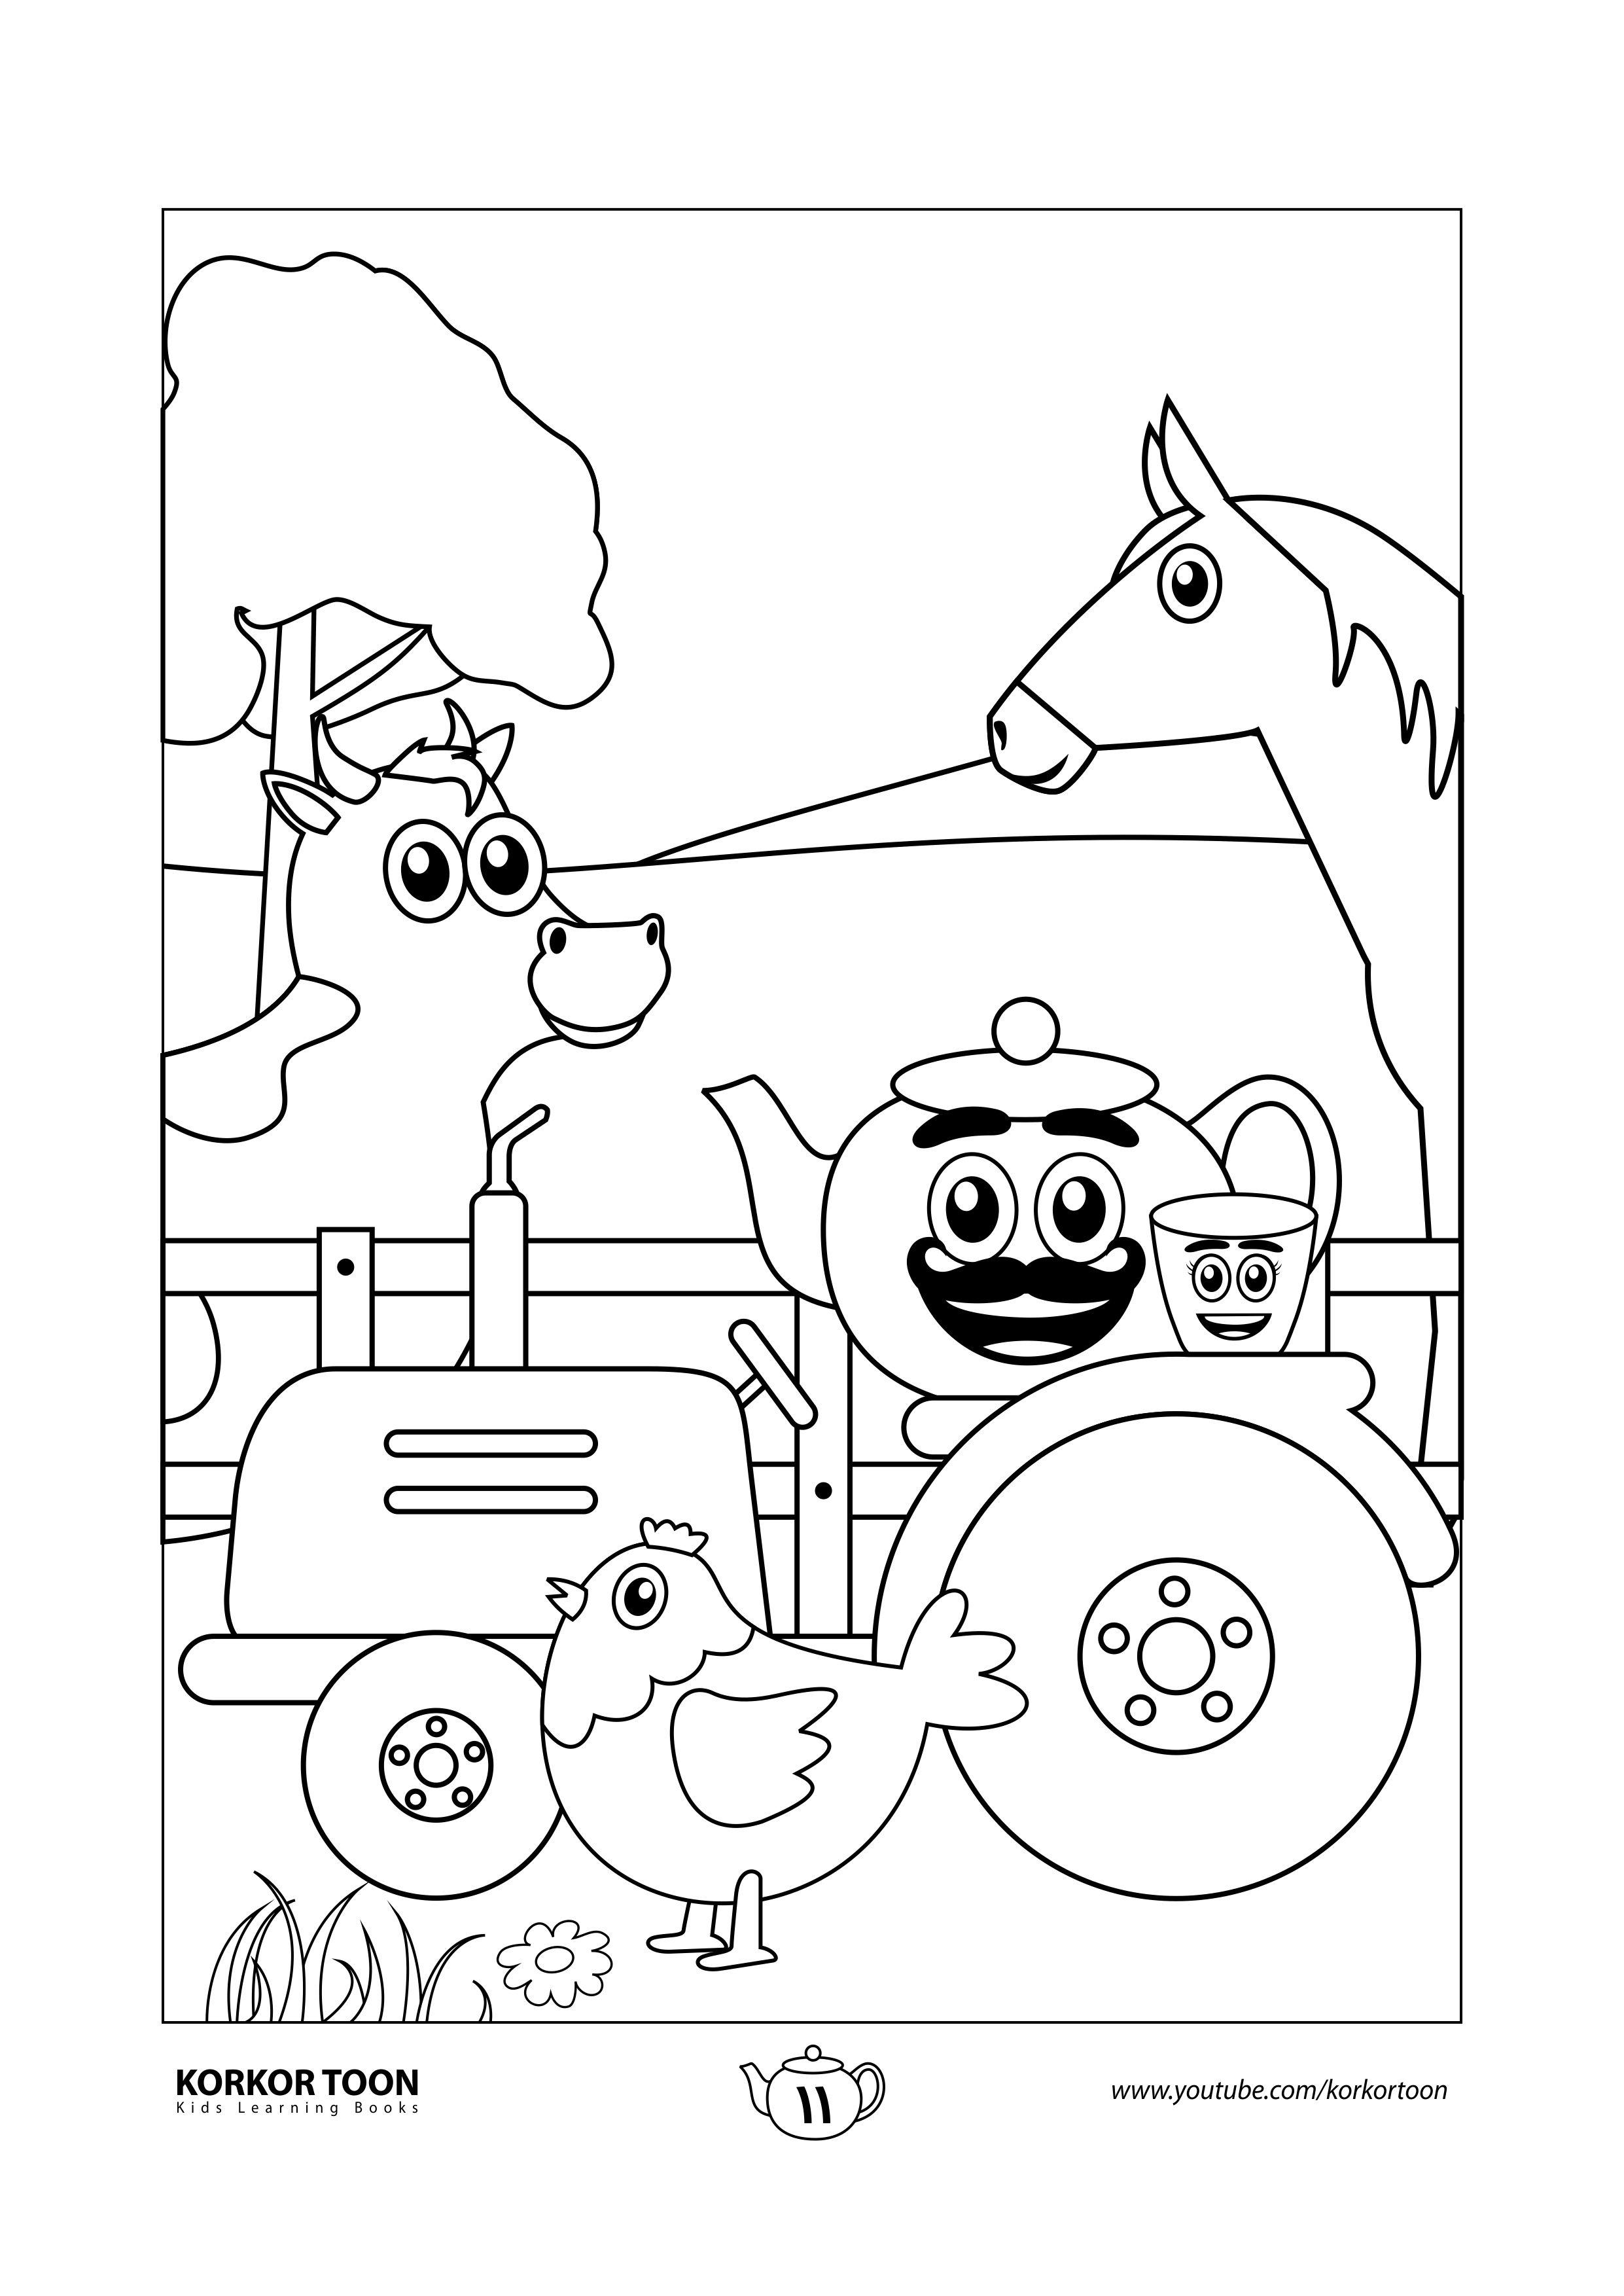 كتاب تلوين حيوانات المزرعة صفحة 11 Farm Coloring Pages Animal Coloring Pages Animal Coloring Books